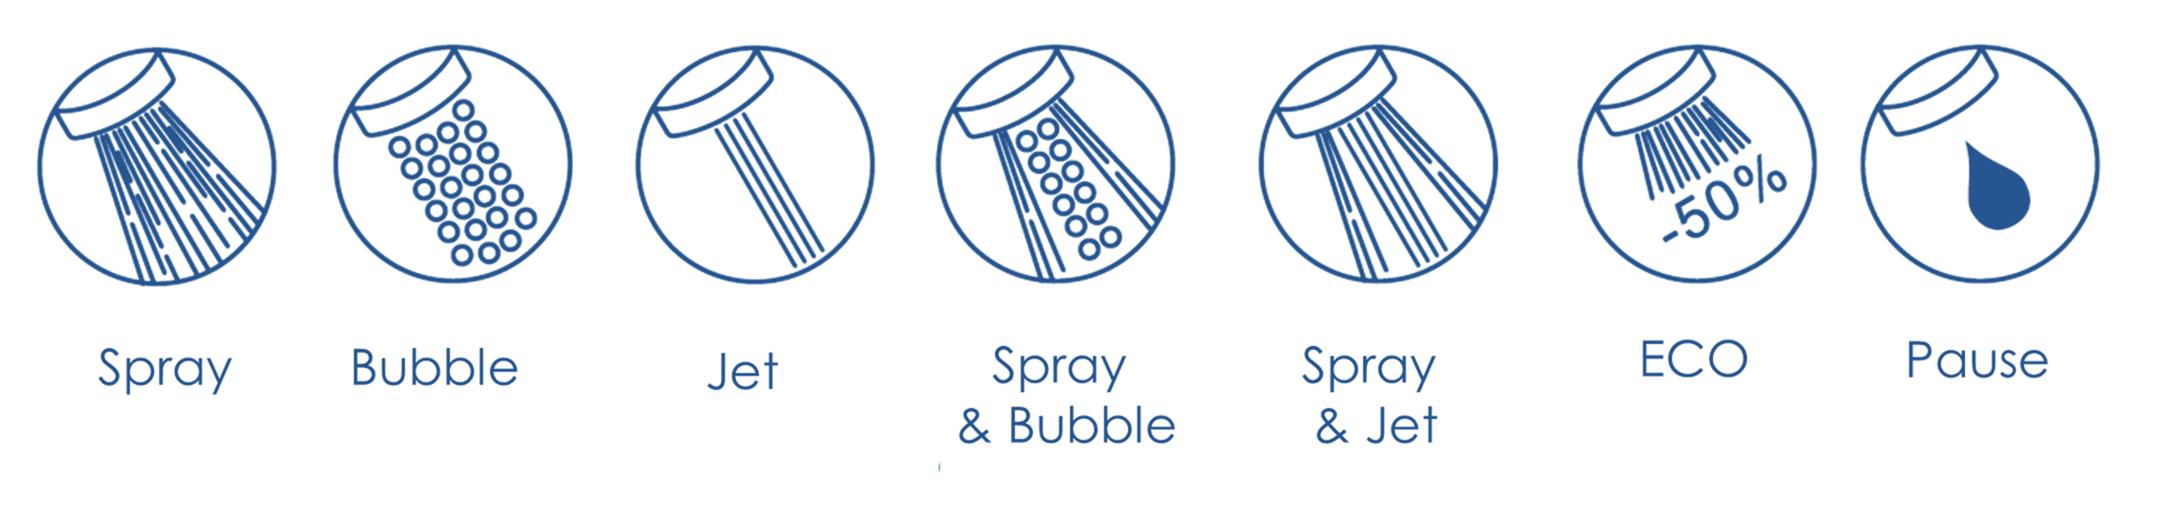 lotus-7-function-shower-sprays